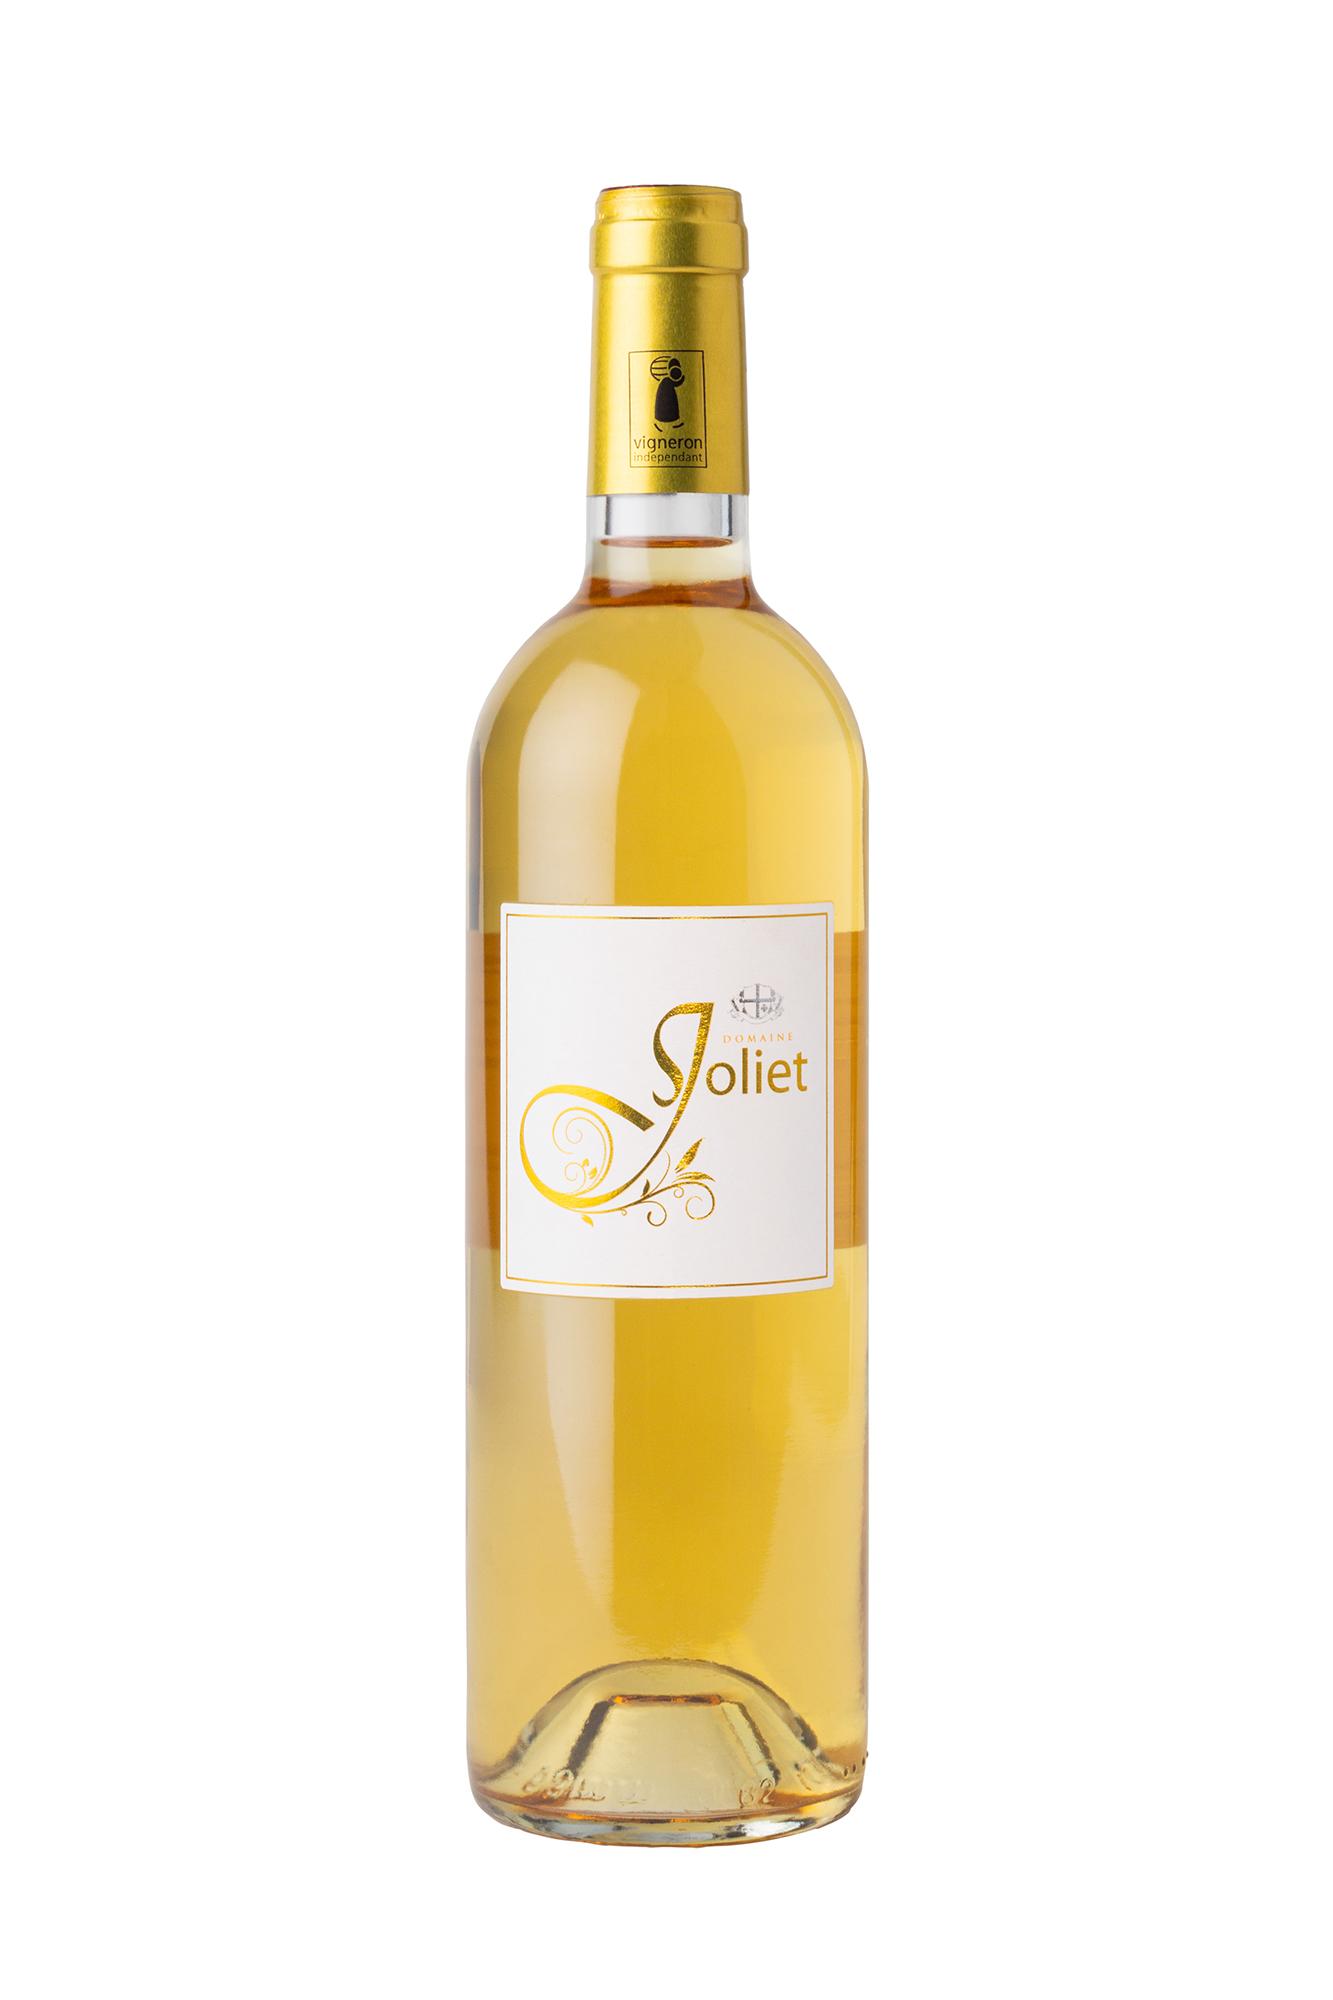 Photographie sur fond blanc de la bouteille de vin blanc